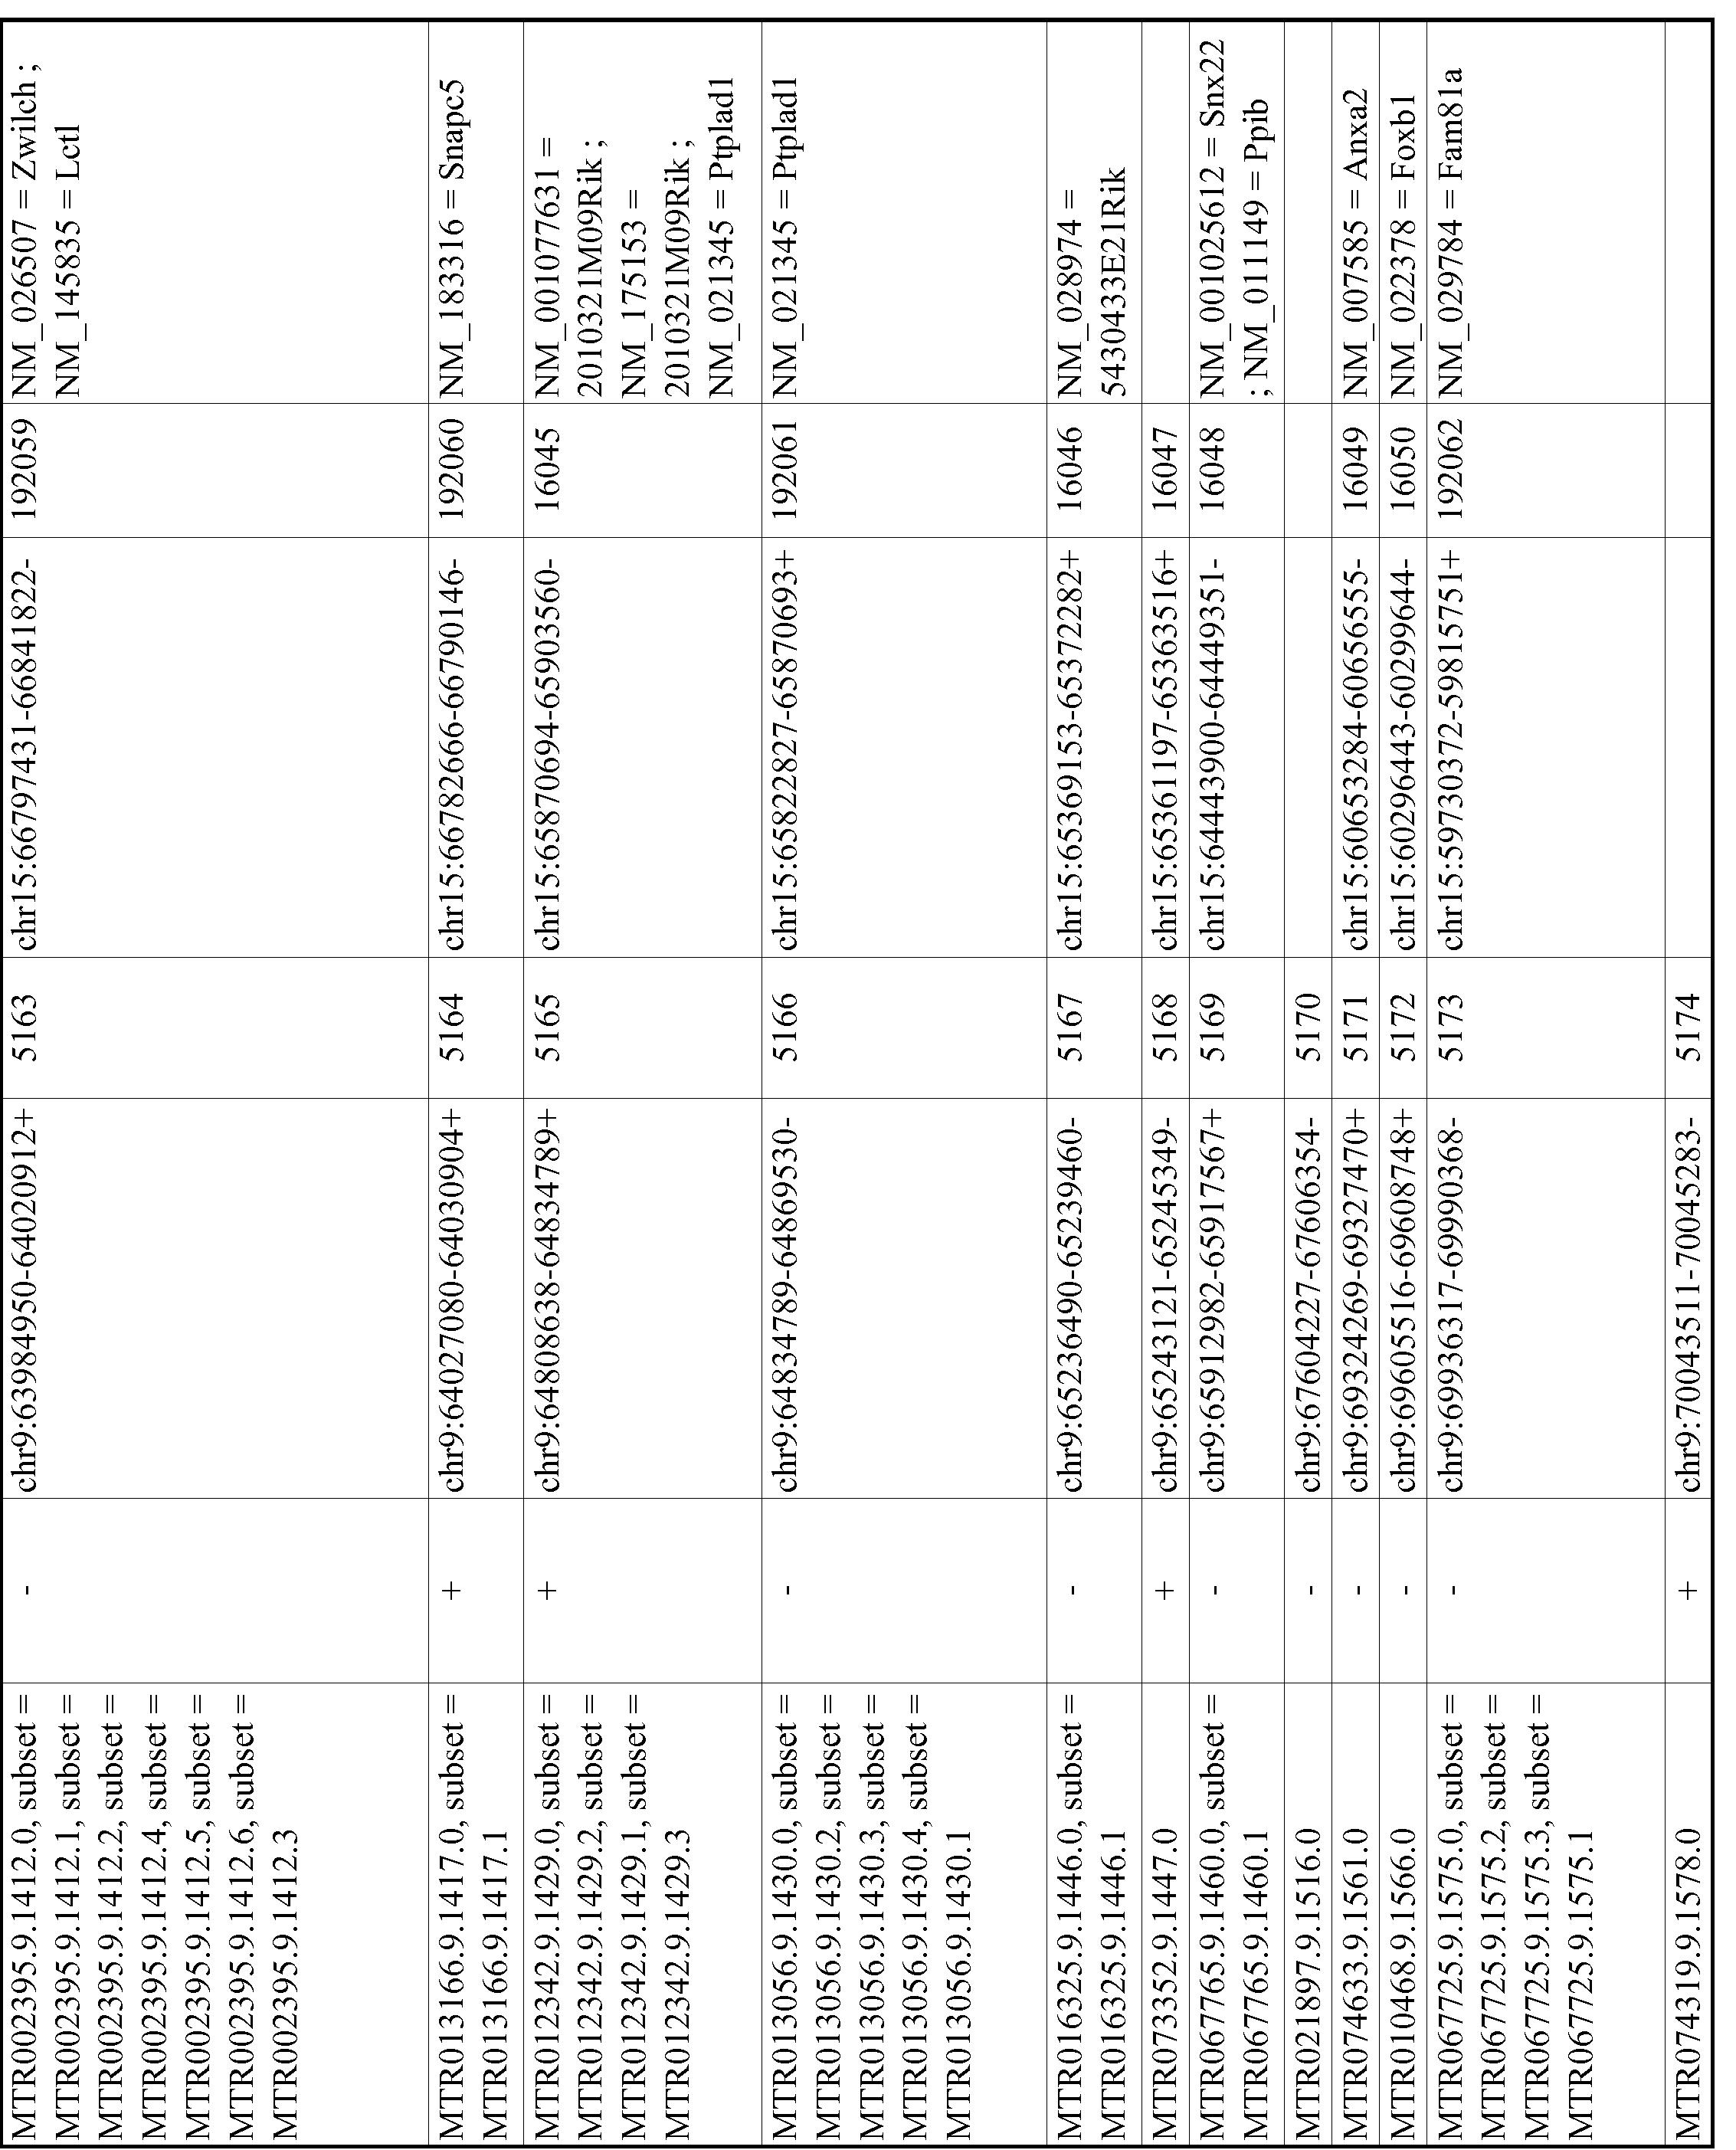 Figure imgf000940_0001